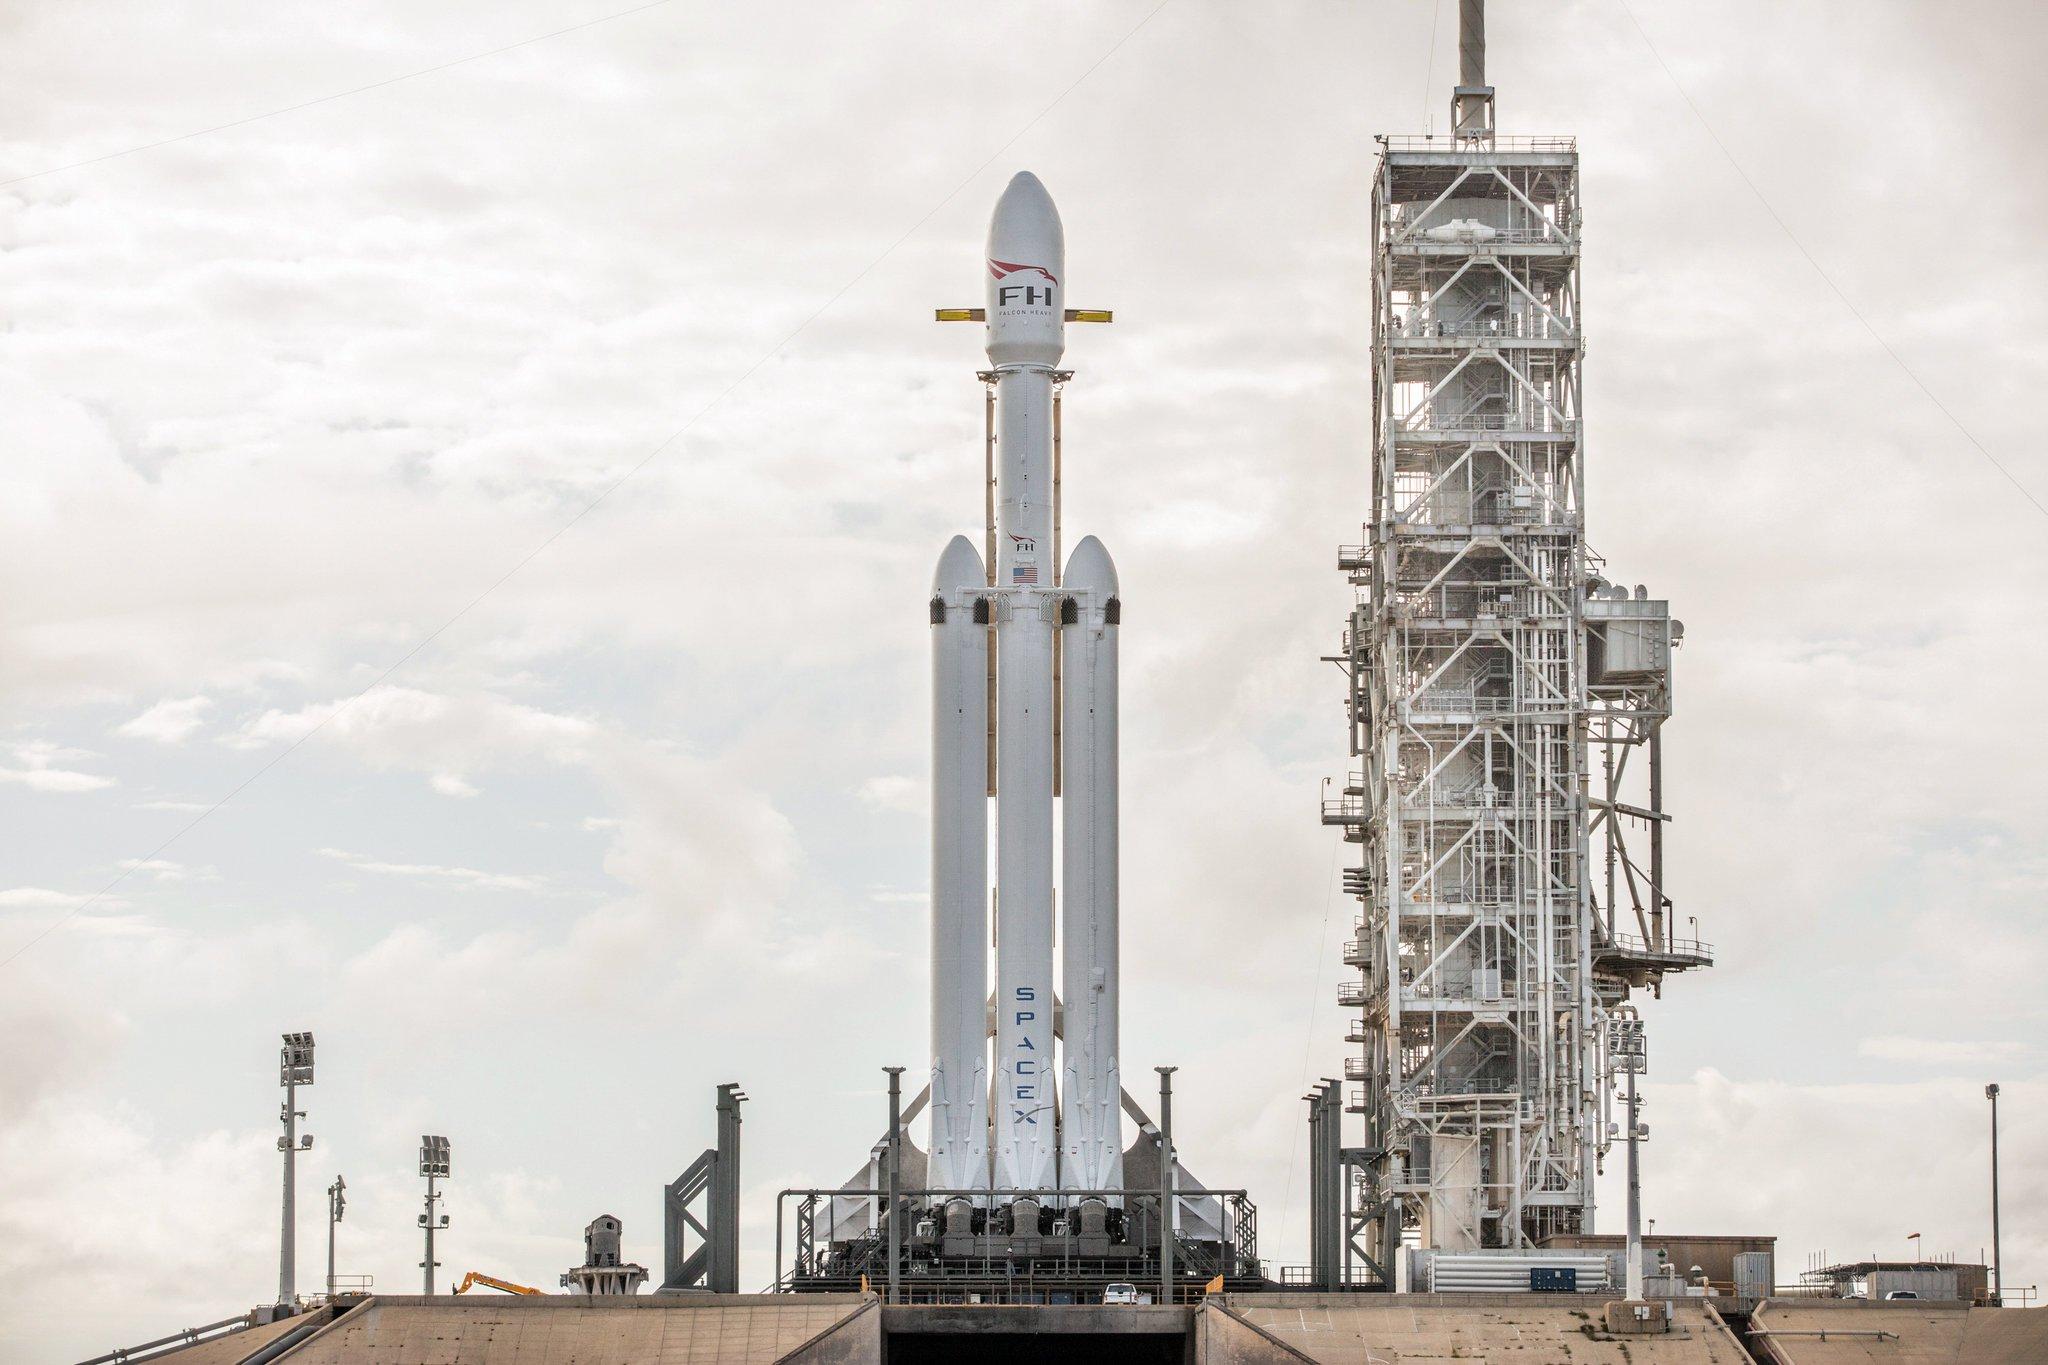 Acompanhe ao vivo a transmissão do lançamento do Falcon 9 da SpaceX